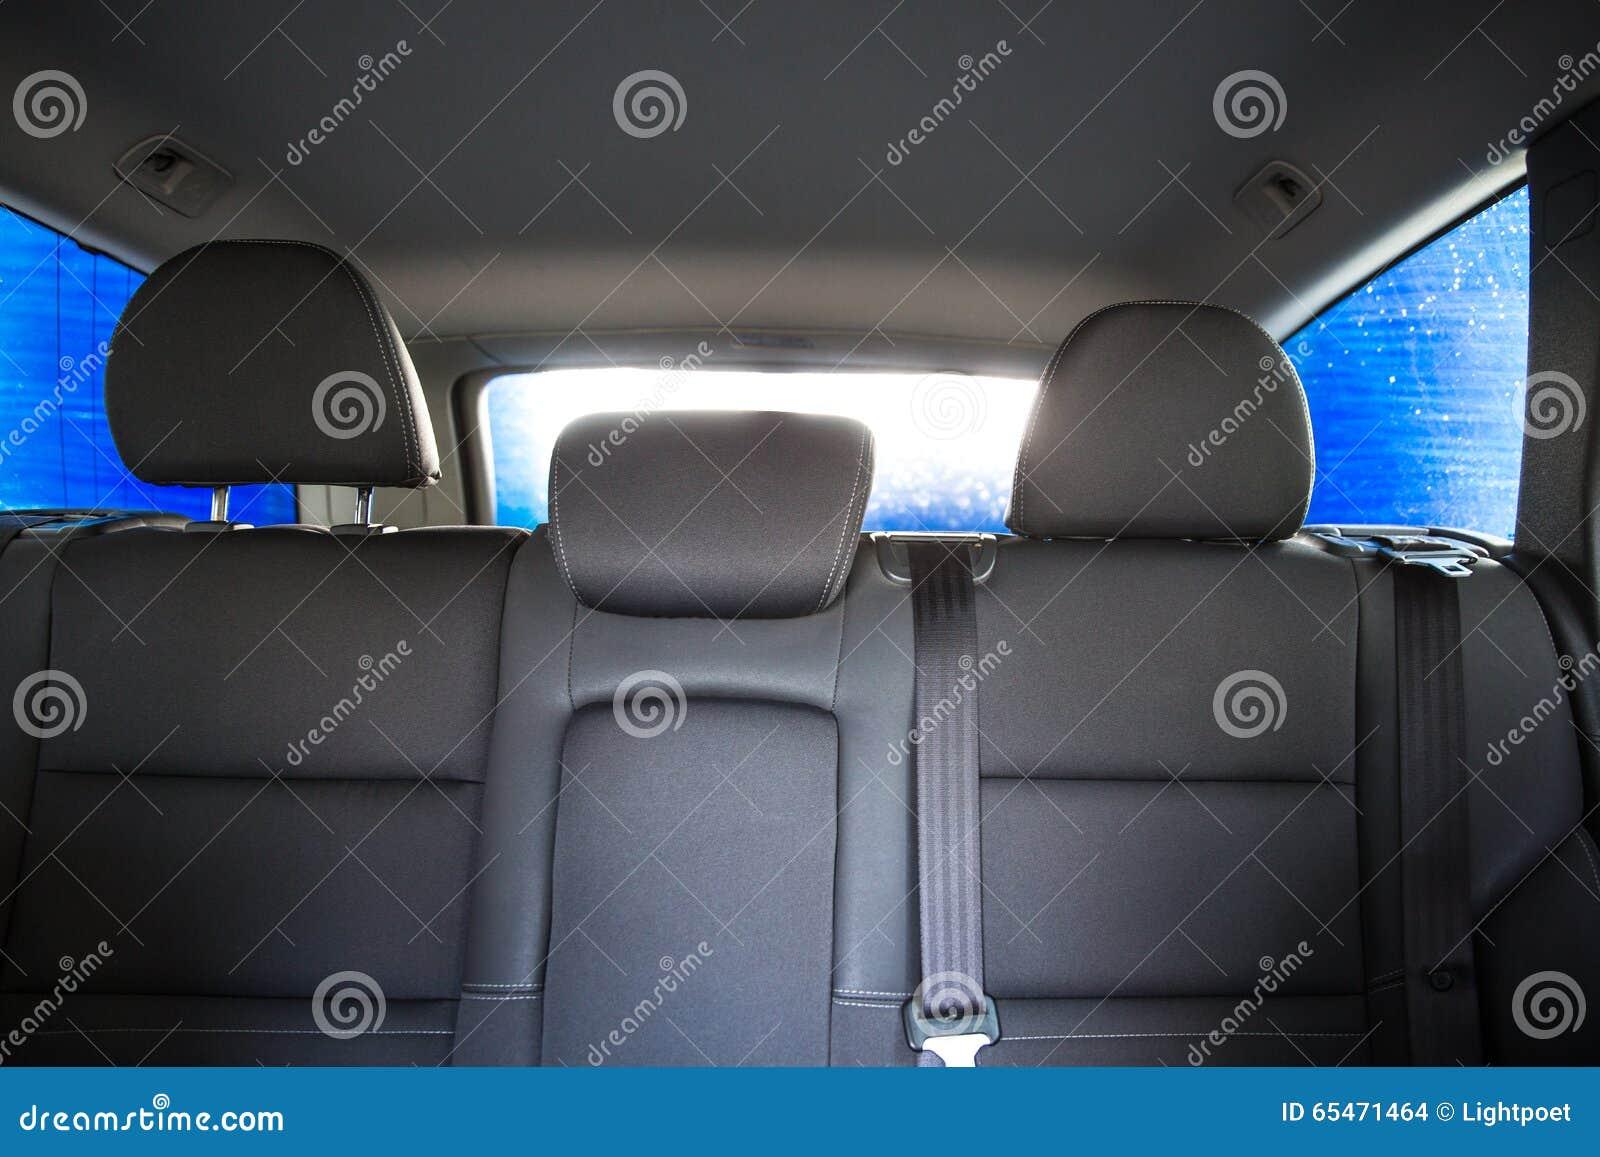 Voiture dans une lave auto vue de l 39 int rieur photo for A l interieur d une voiture